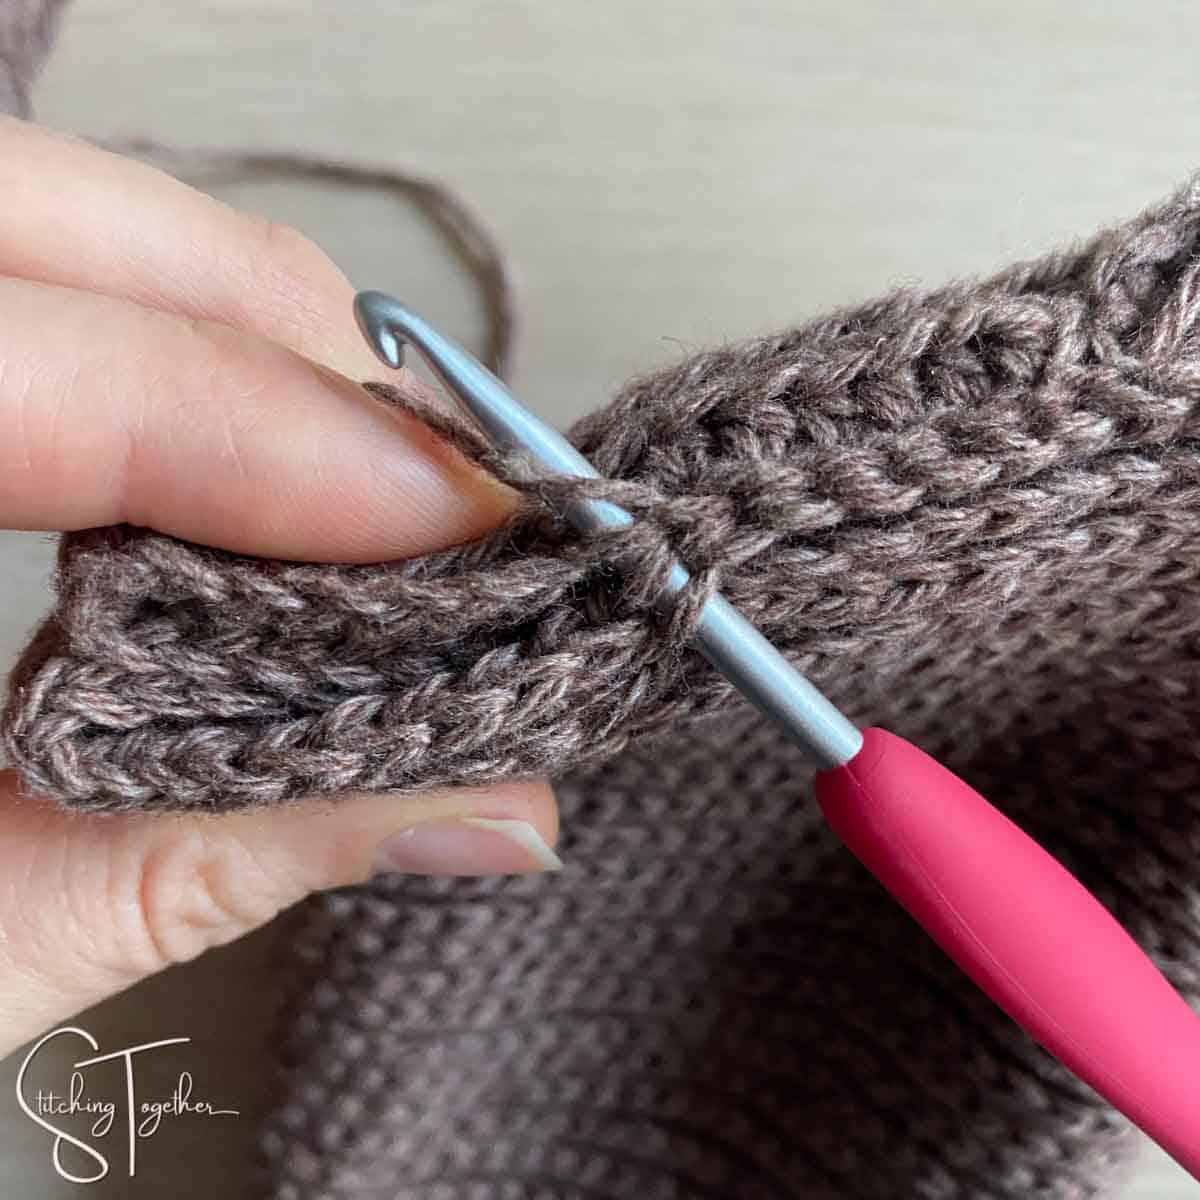 crochet slip stitches in progress